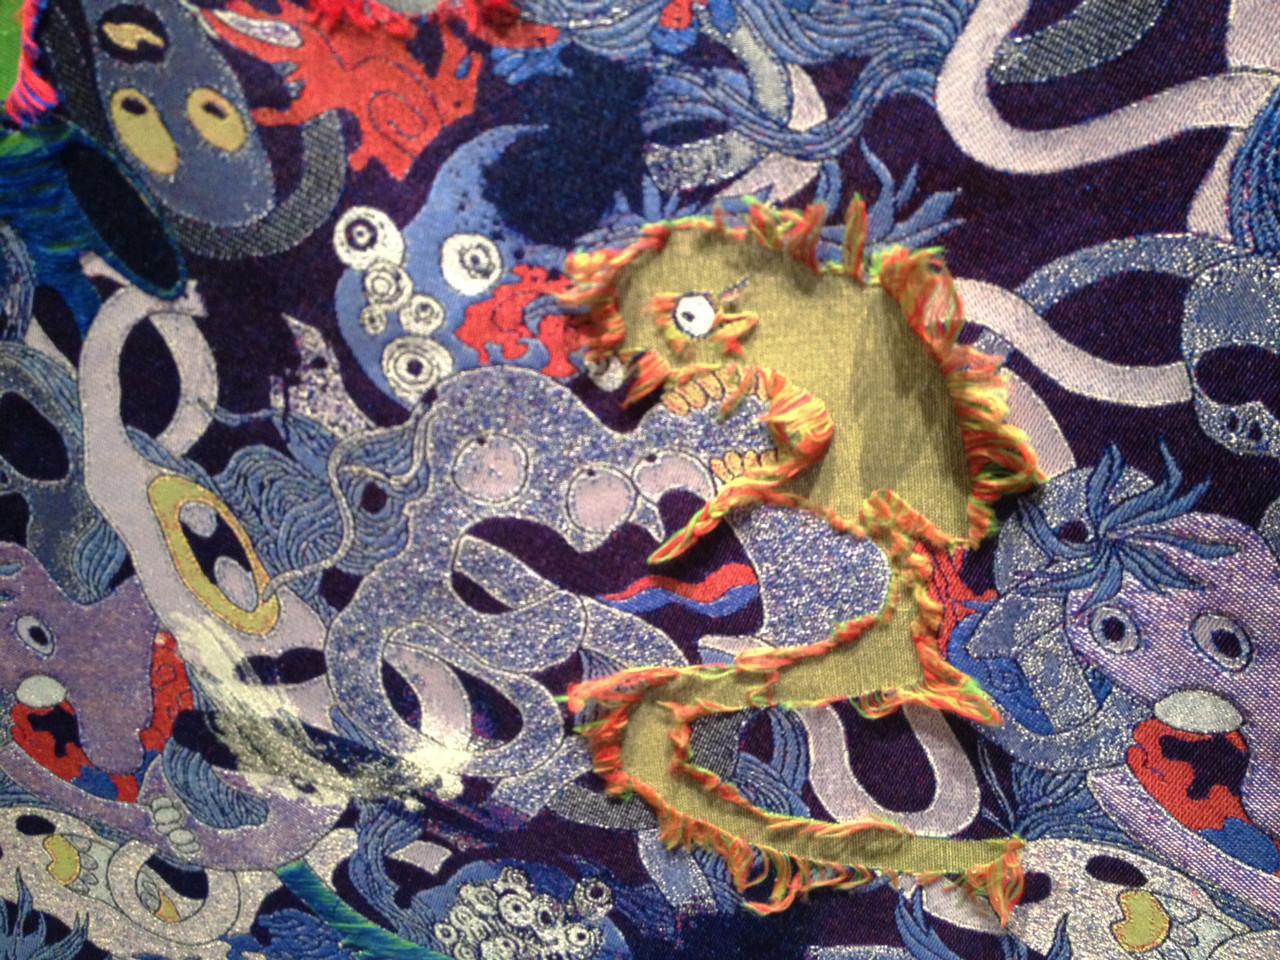 寺木さん 生地 オリジナル 織物 加工 糸浮かし